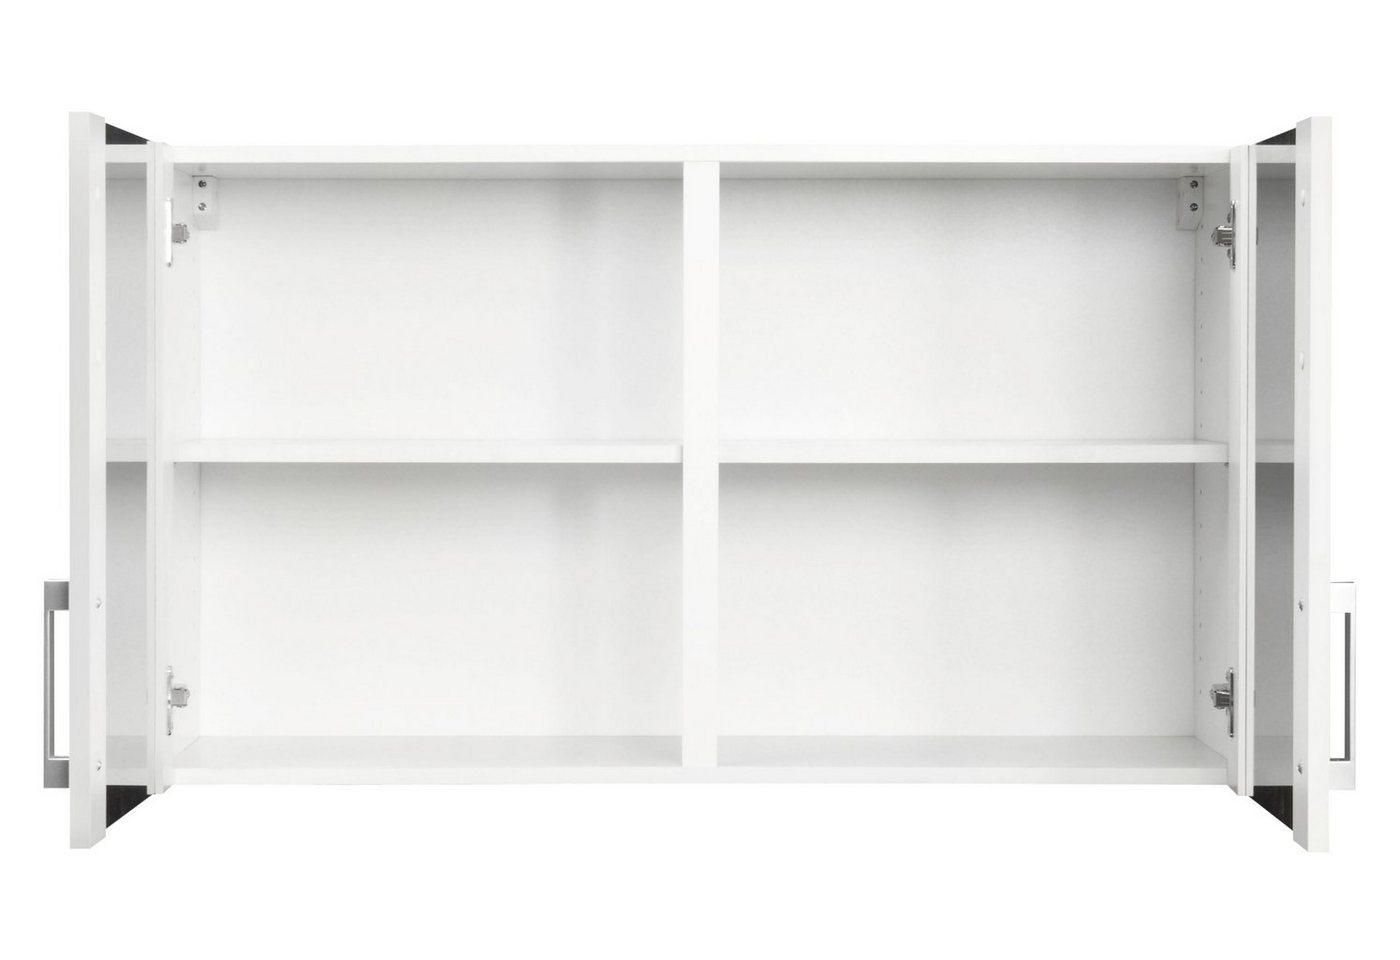 OPTIFIT Küchenhängeschrank »Helsinki«, Breite 100 cm | Küche und Esszimmer > Küchenschränke > Küchen-Hängeschränke | Weiß | OPTIFIT